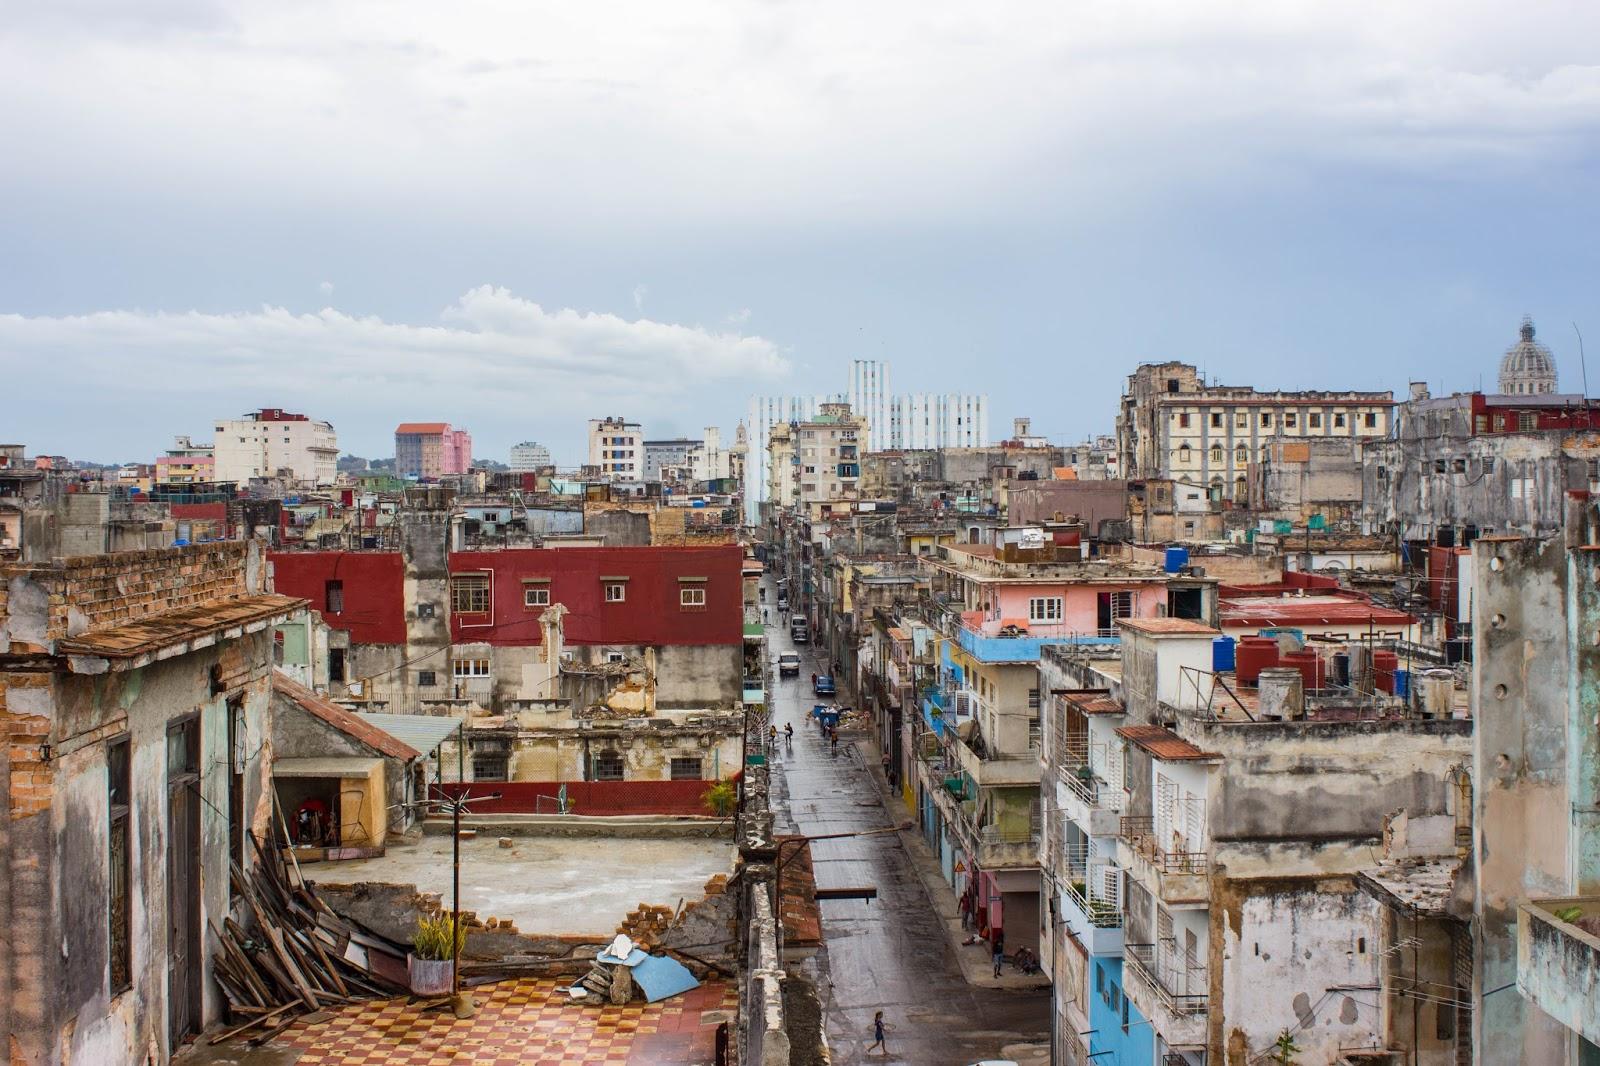 La Guarida Cuba Restaurant Rooftop View